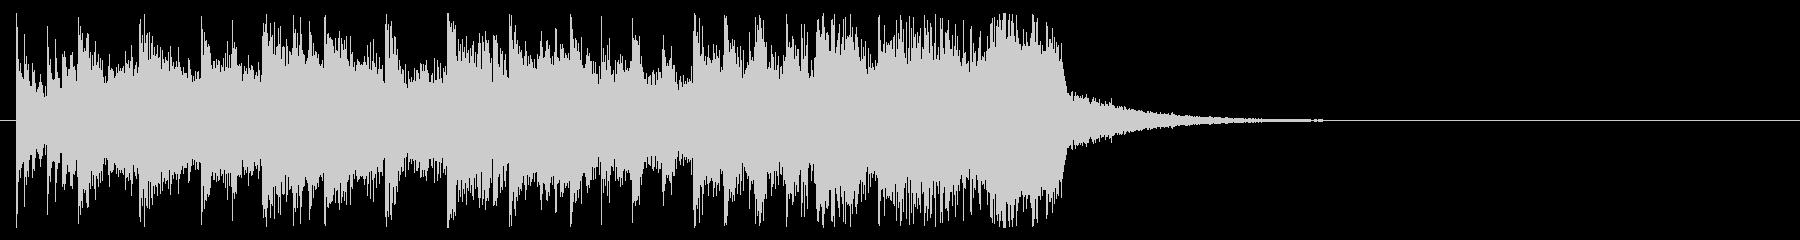 ポップ&キュートなエモいEDMジングル3の未再生の波形